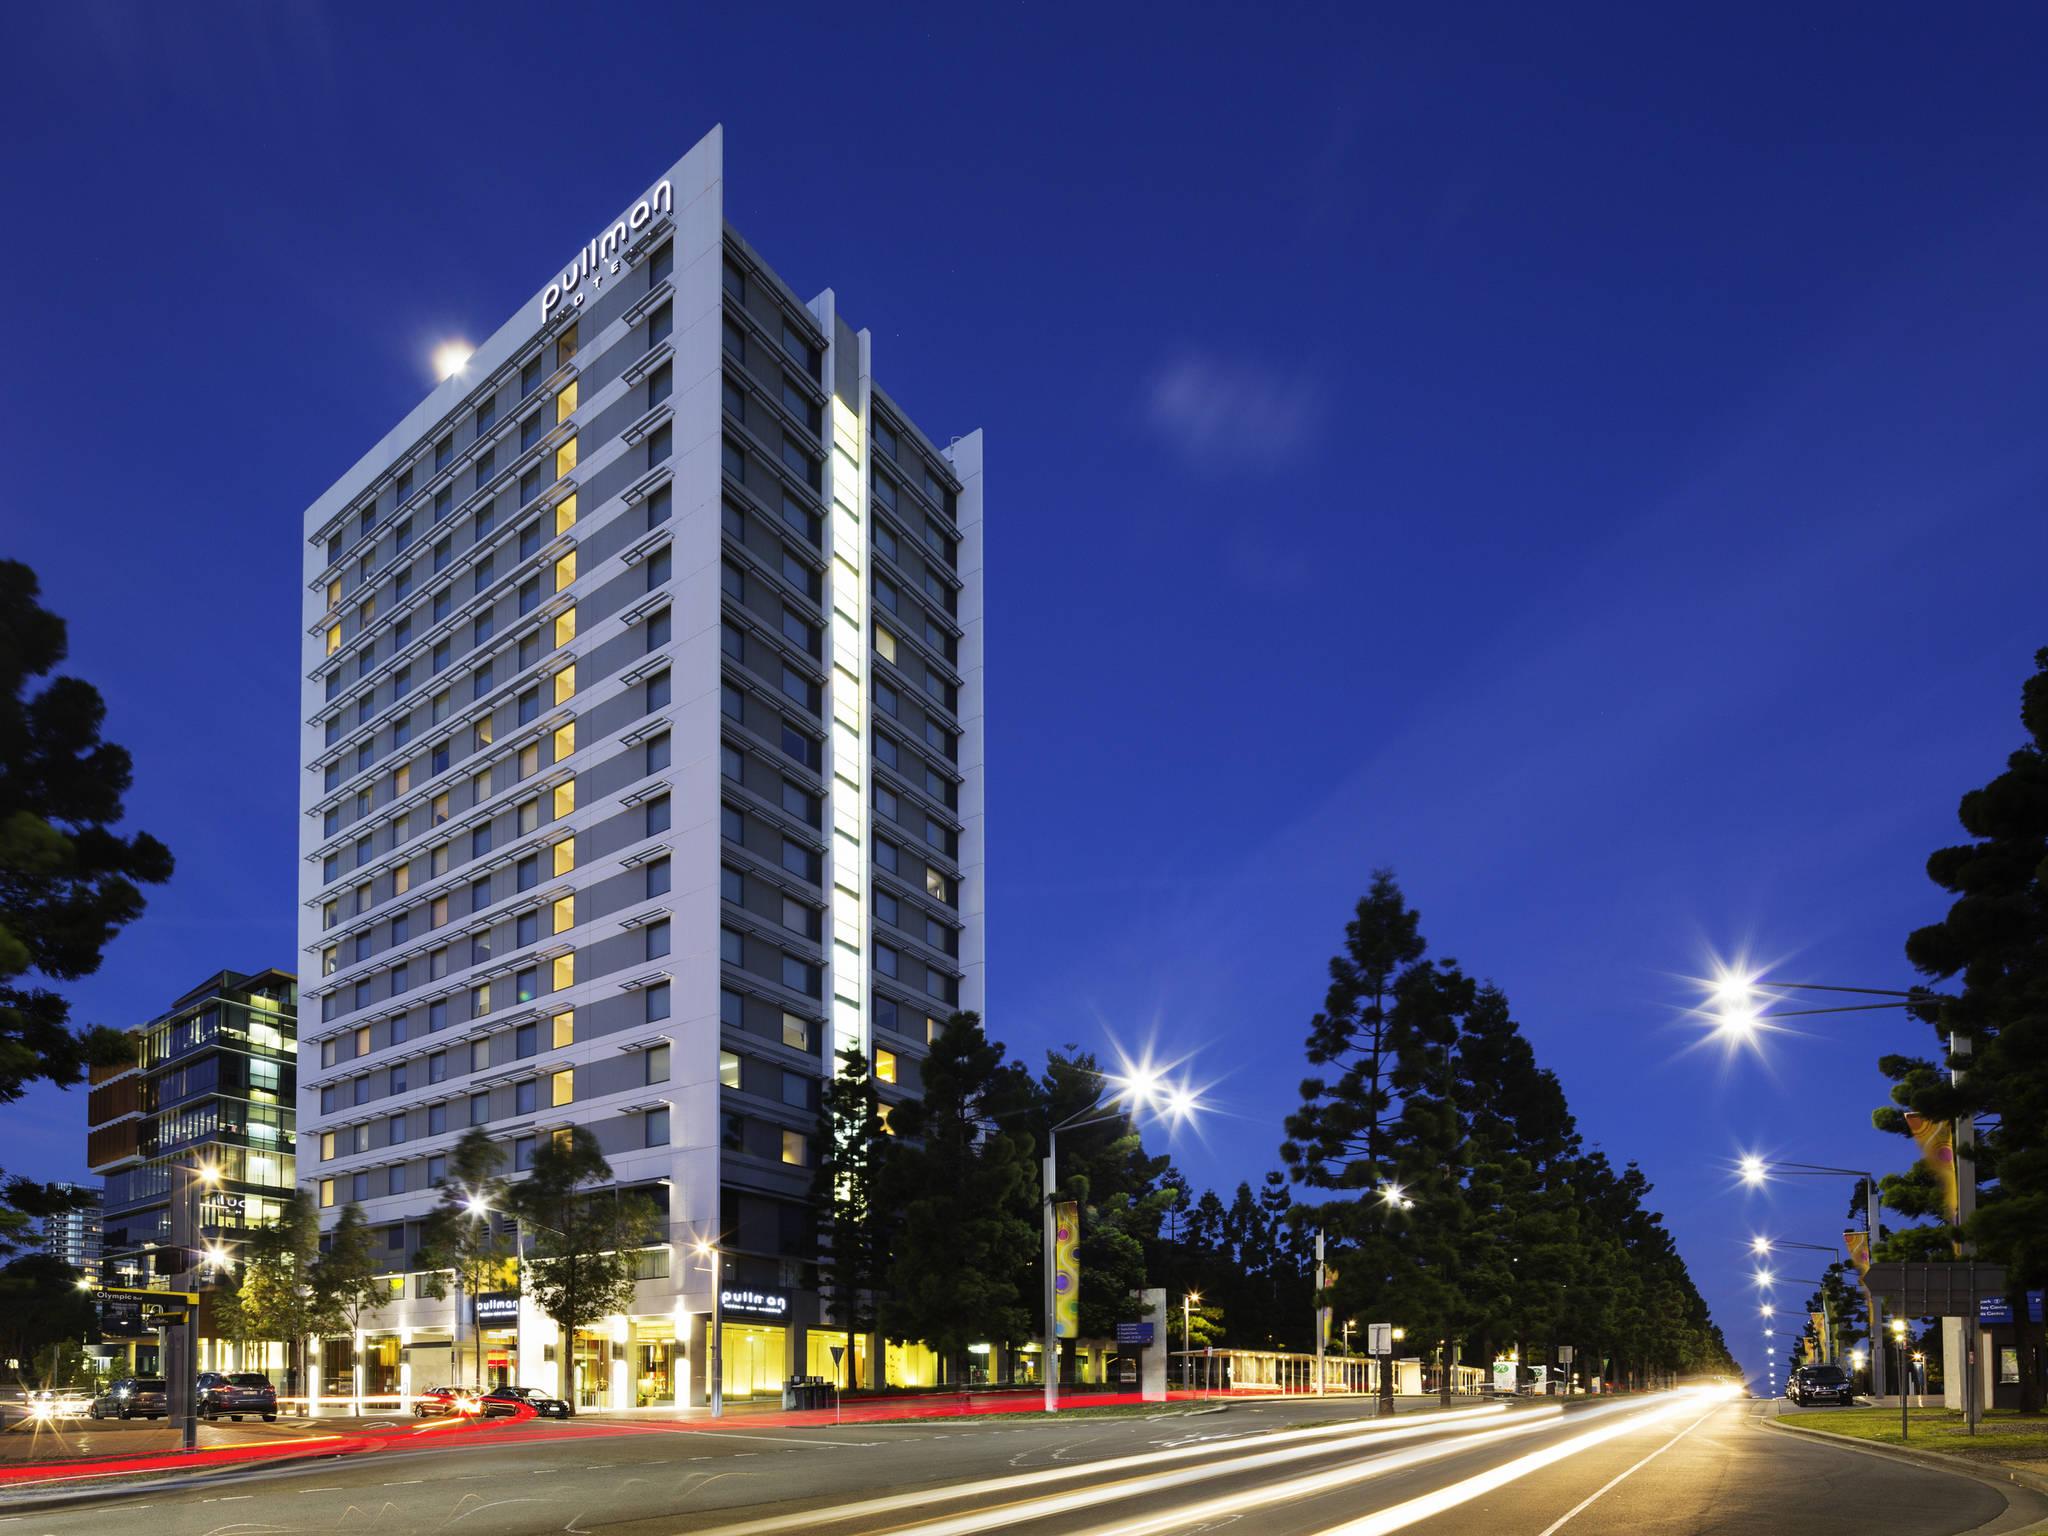 โรงแรม – พูลแมน ซิดนีย์ โอลิมปิก พาร์ค